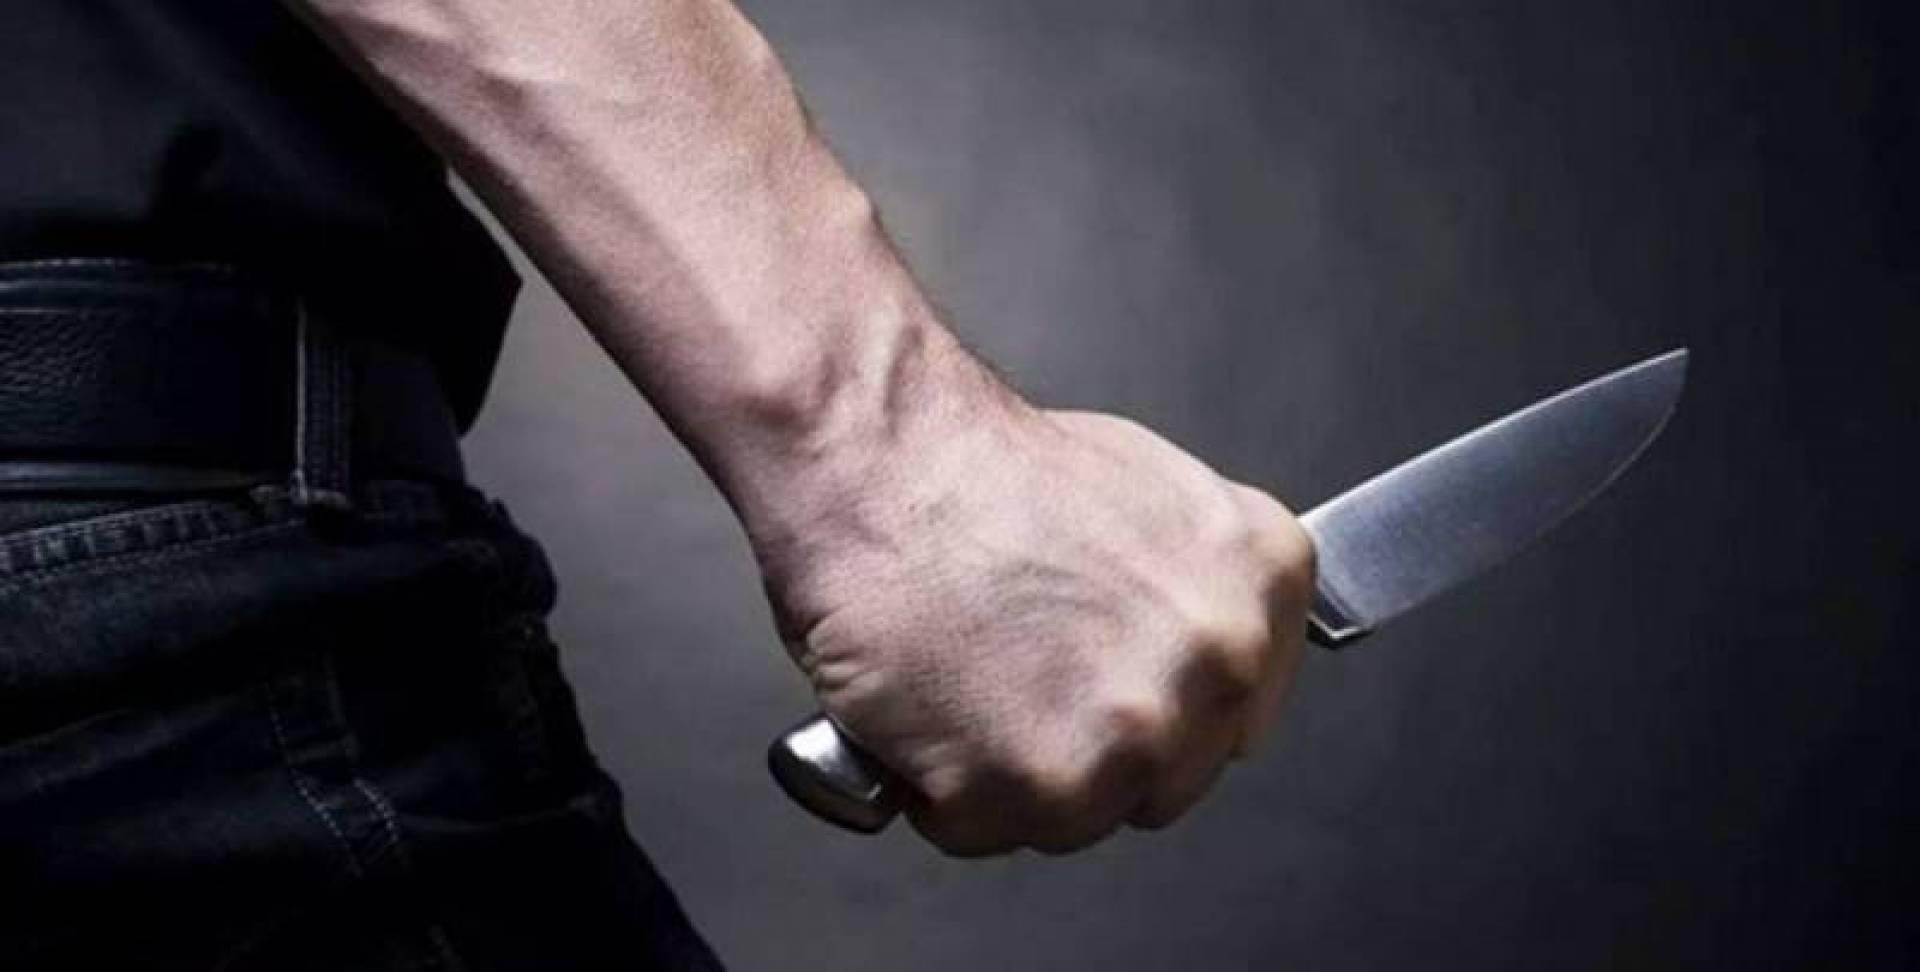 مواطن للأمن: زوج طليقتي طعنني بآلة حادة